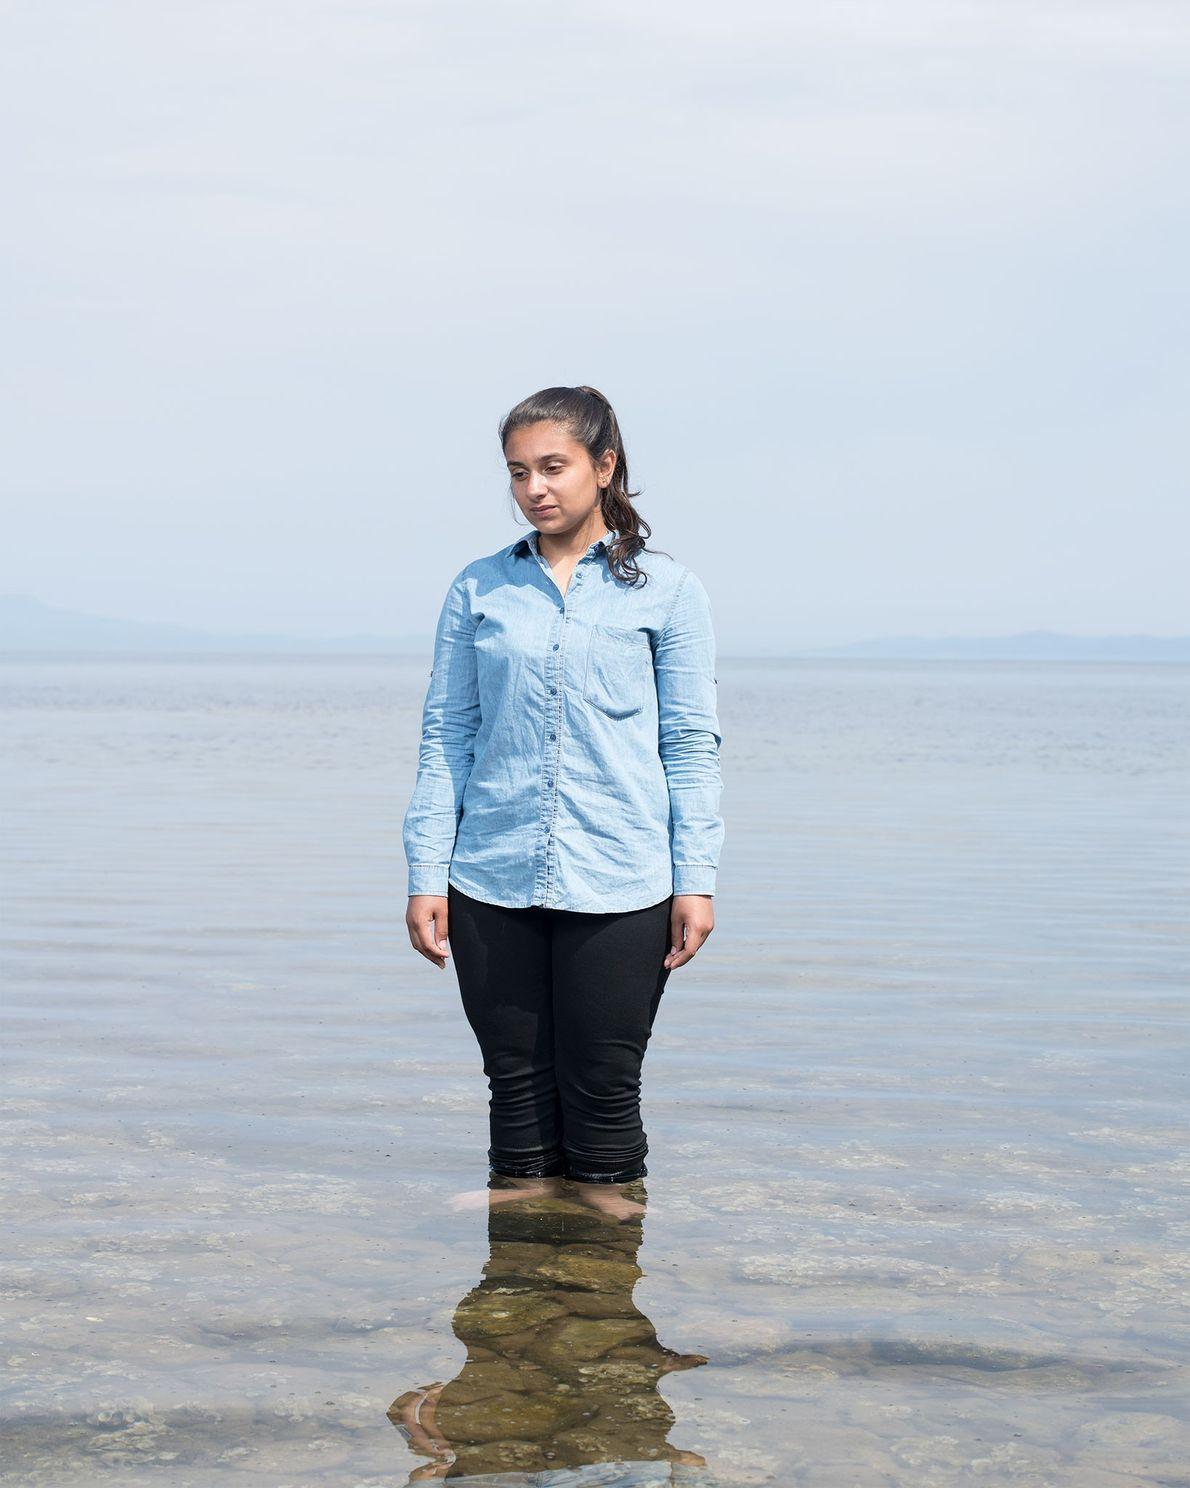 Depois de dois meses em Lesbos, Mariam Hamdan, de 15 anos, não encontrou o refúgio que ...